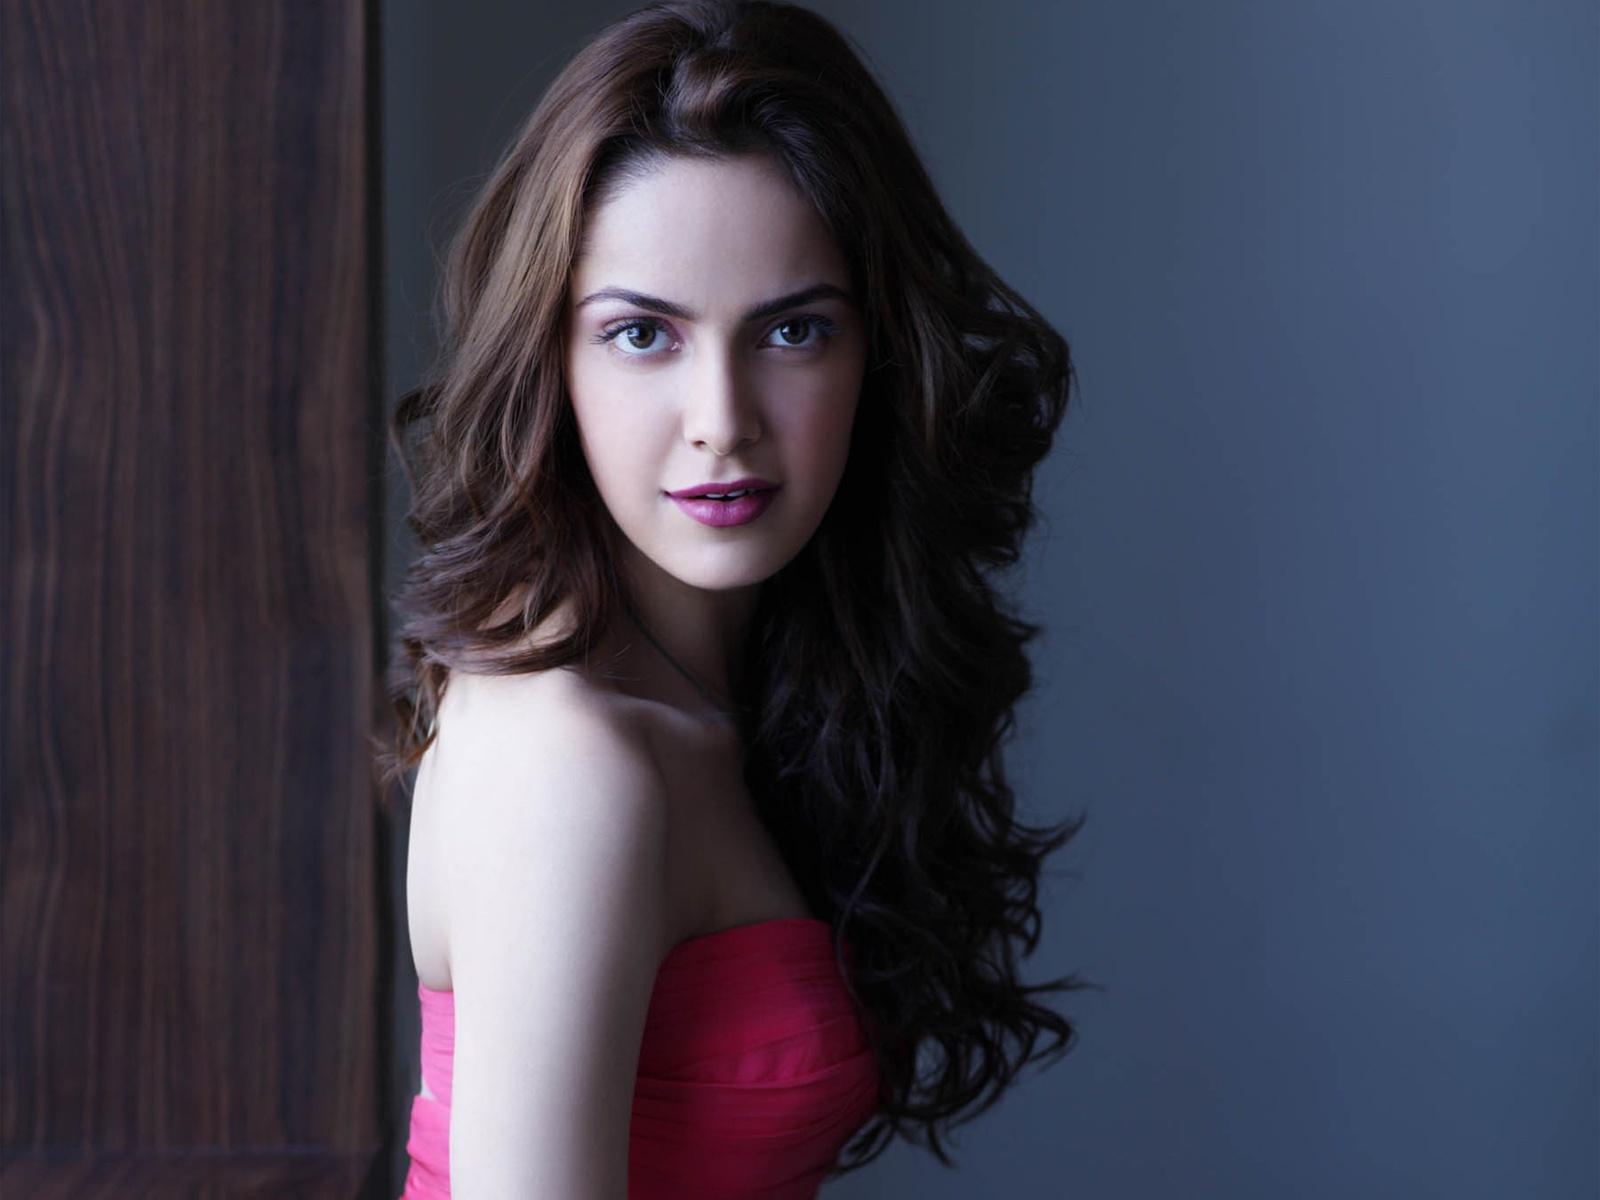 http://4.bp.blogspot.com/-hslYFg7sgeY/Tuiw_9jVTPI/AAAAAAAAAqs/oXZ8S-NQLXA/s1600/indian_actress_shazahn_padamsee-1600x1200.jpg